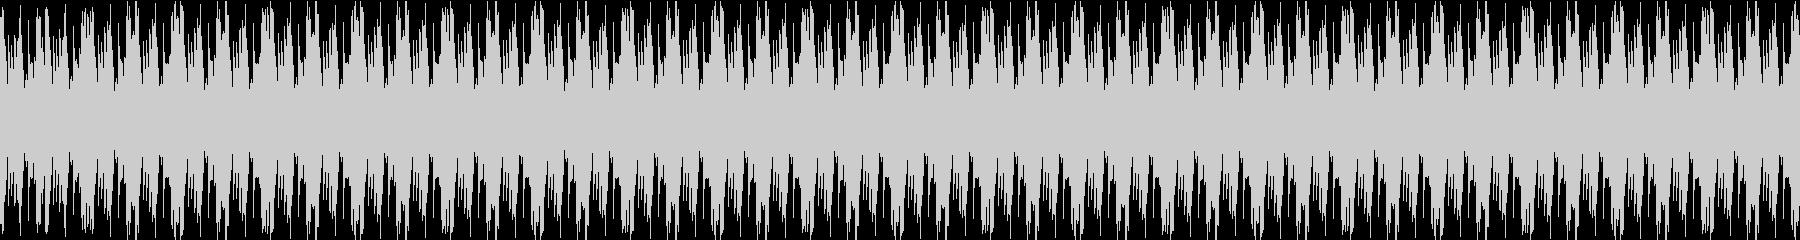 飄々とした変な生き物のマリンバループの未再生の波形